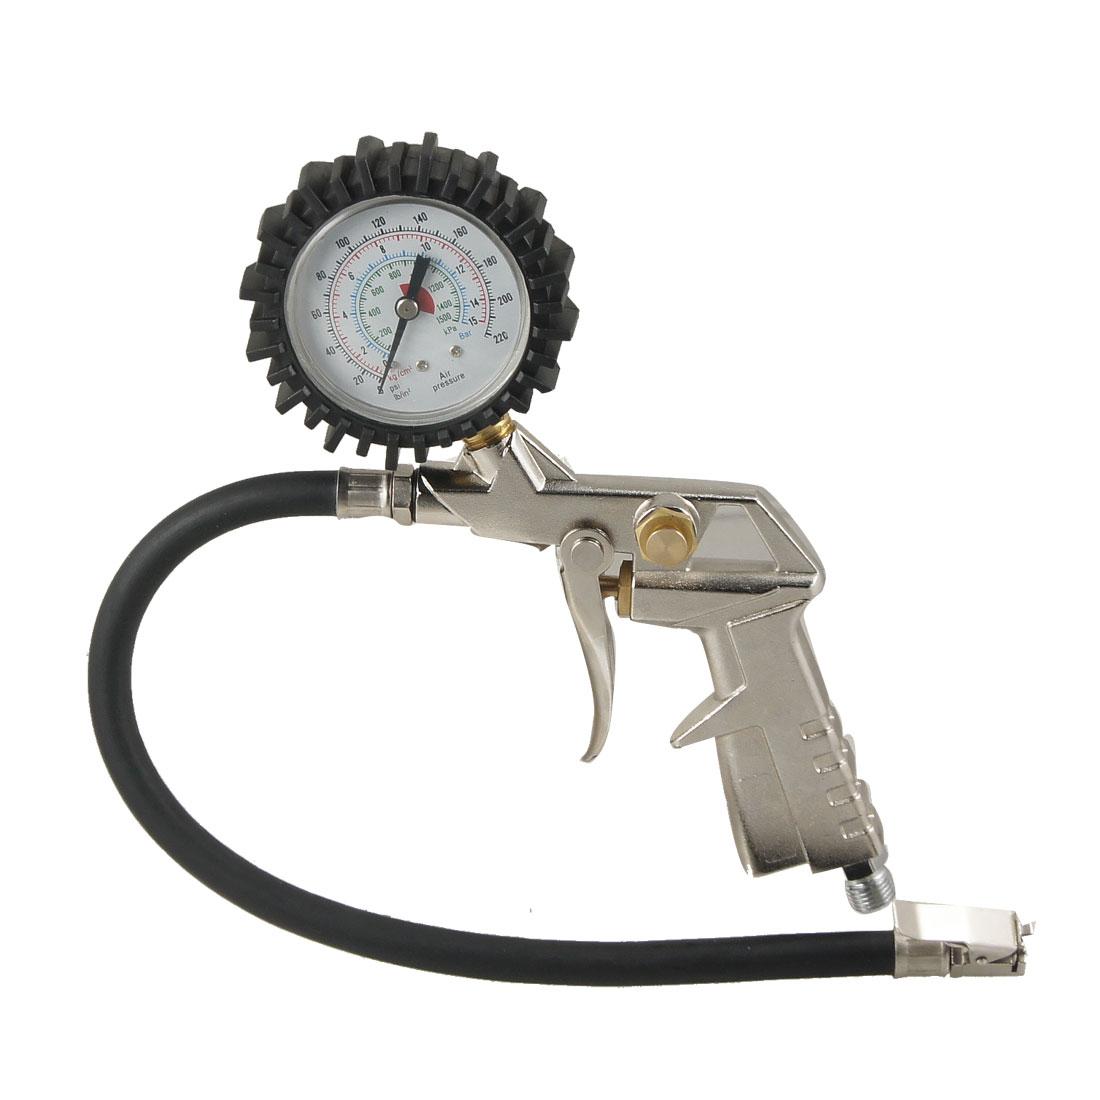 Auto Bike Motorcycle Tire Metal Grip Inflator w Air Pressure Gauge